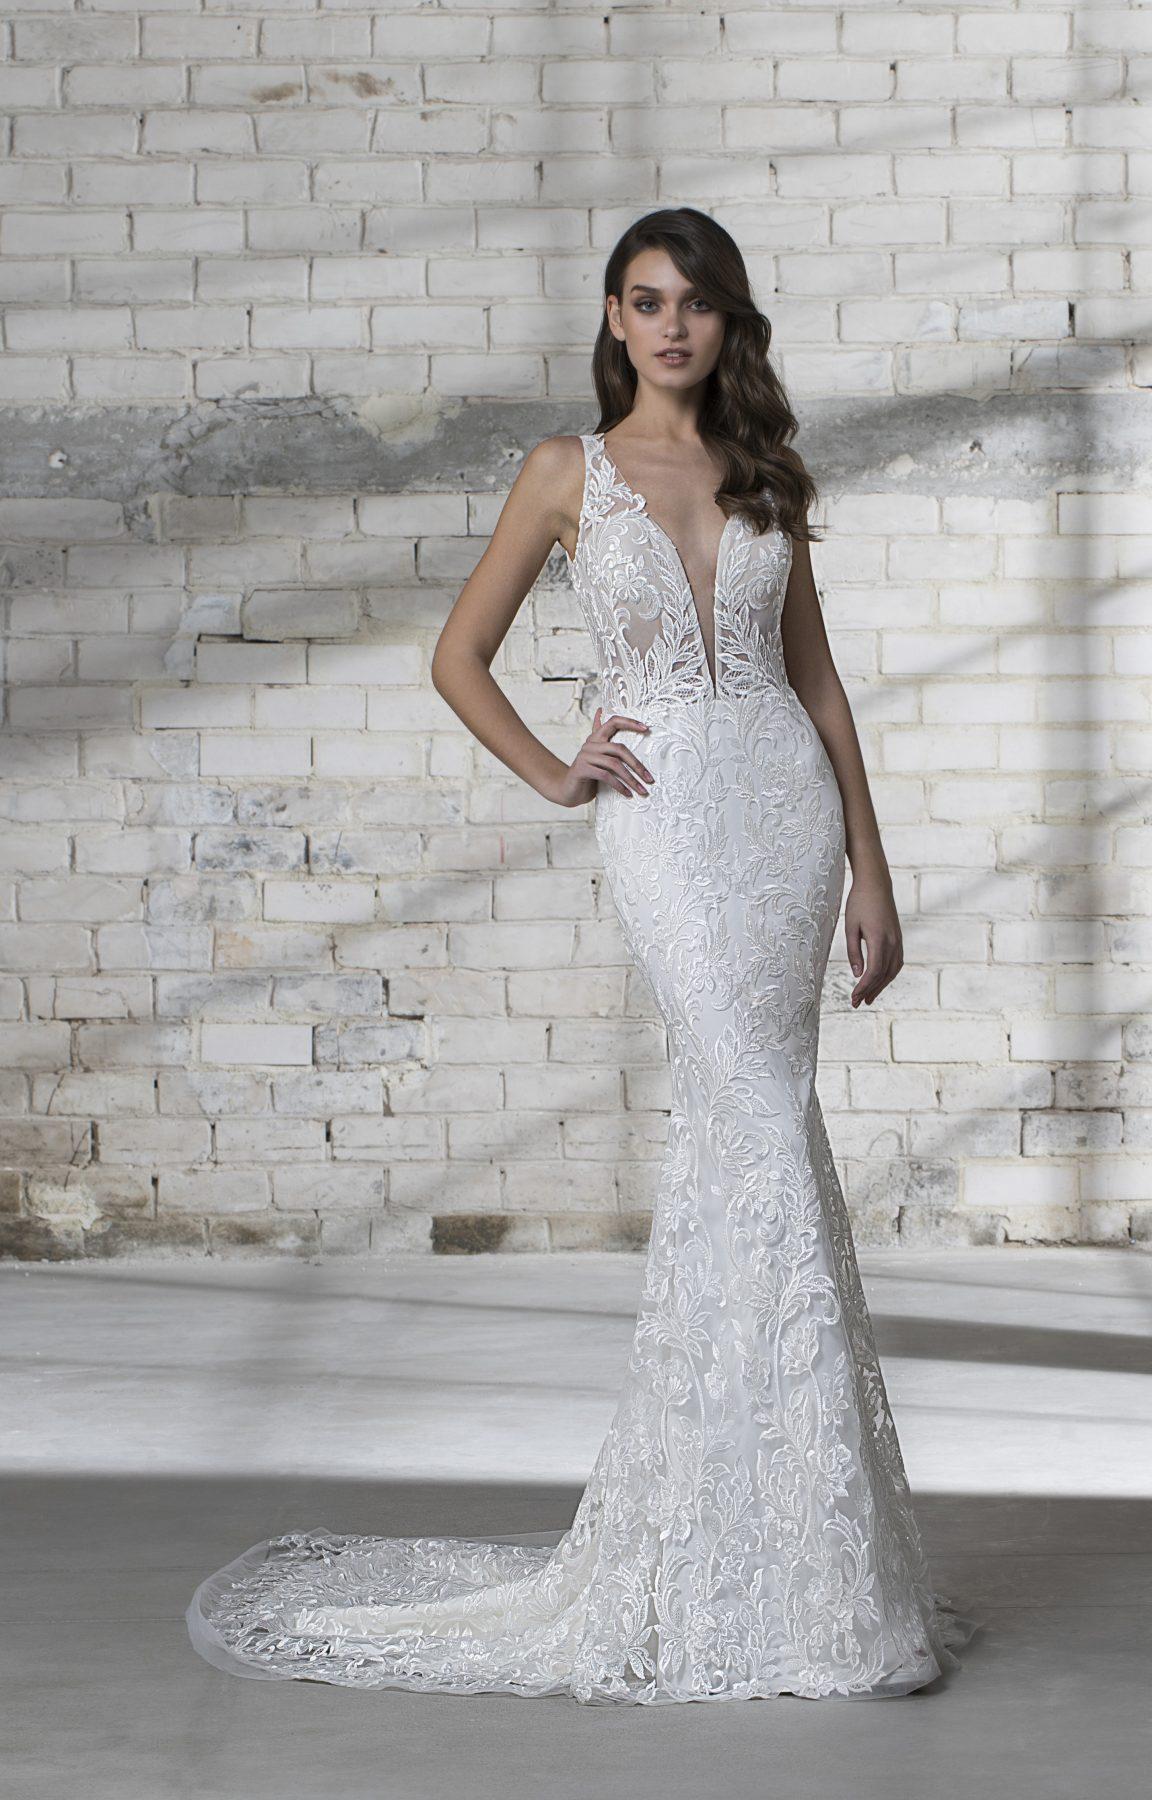 uks leading bridal designer - 736×1150